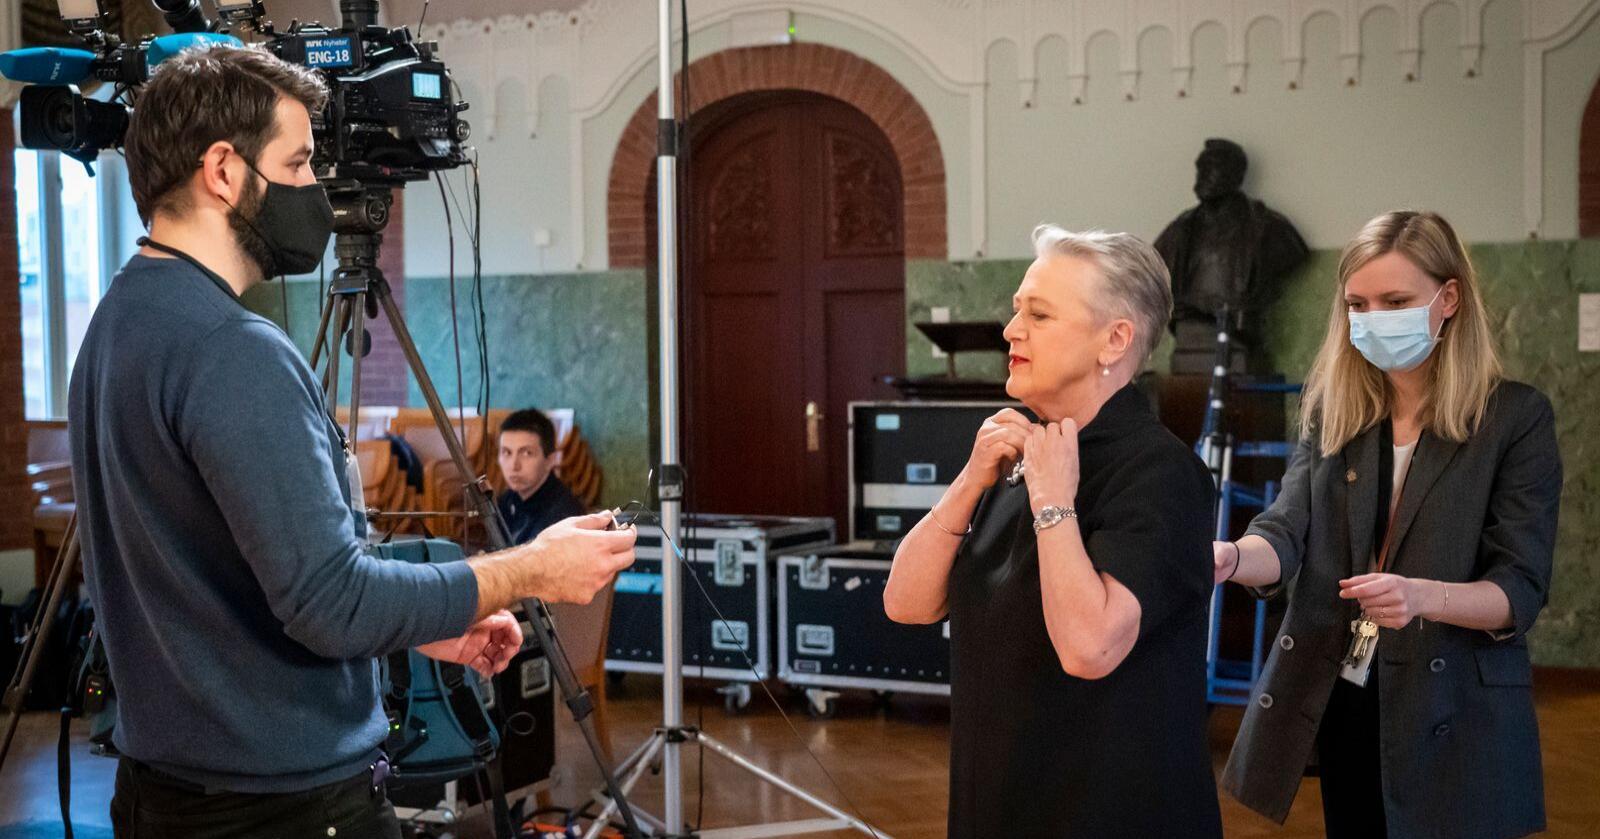 Nobelkomitéleder Berit Reiss-Andersen gjør seg klar på Nobelinstituttet til å holde en kort tale som en del av den digitale prisoverrekkelsen til årets fredsprisvinner Verdens Matvareprogram, som mottas av direktør David Beasley i Roma. Foto: Heiko Junge / NTB